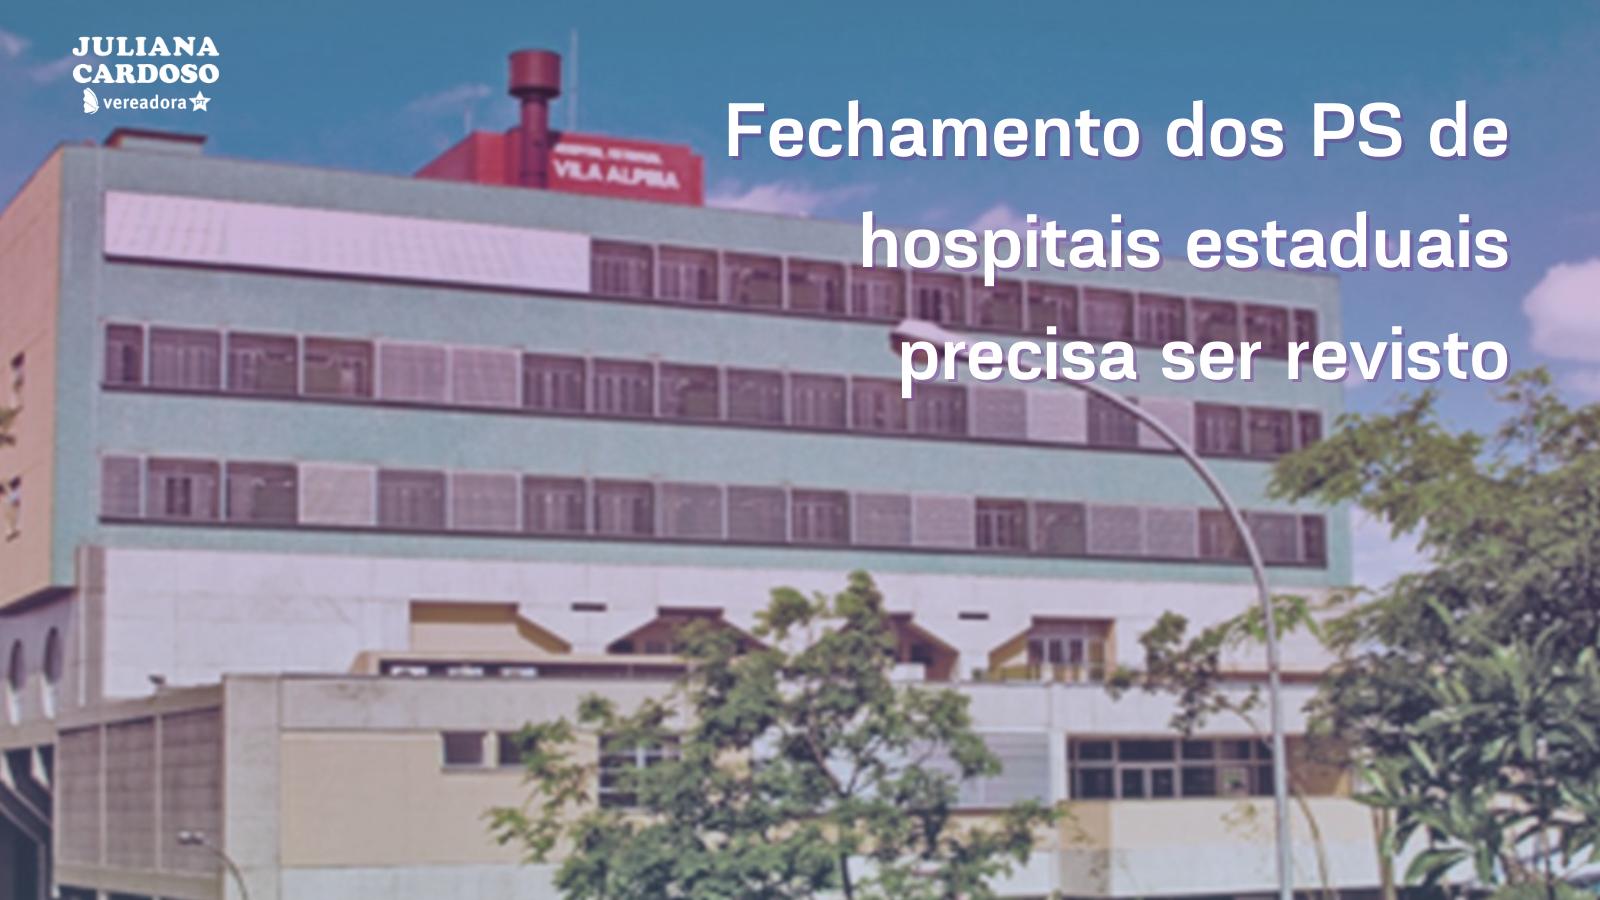 Fechamento dos PS de hospitais estaduais precisa ser revisto